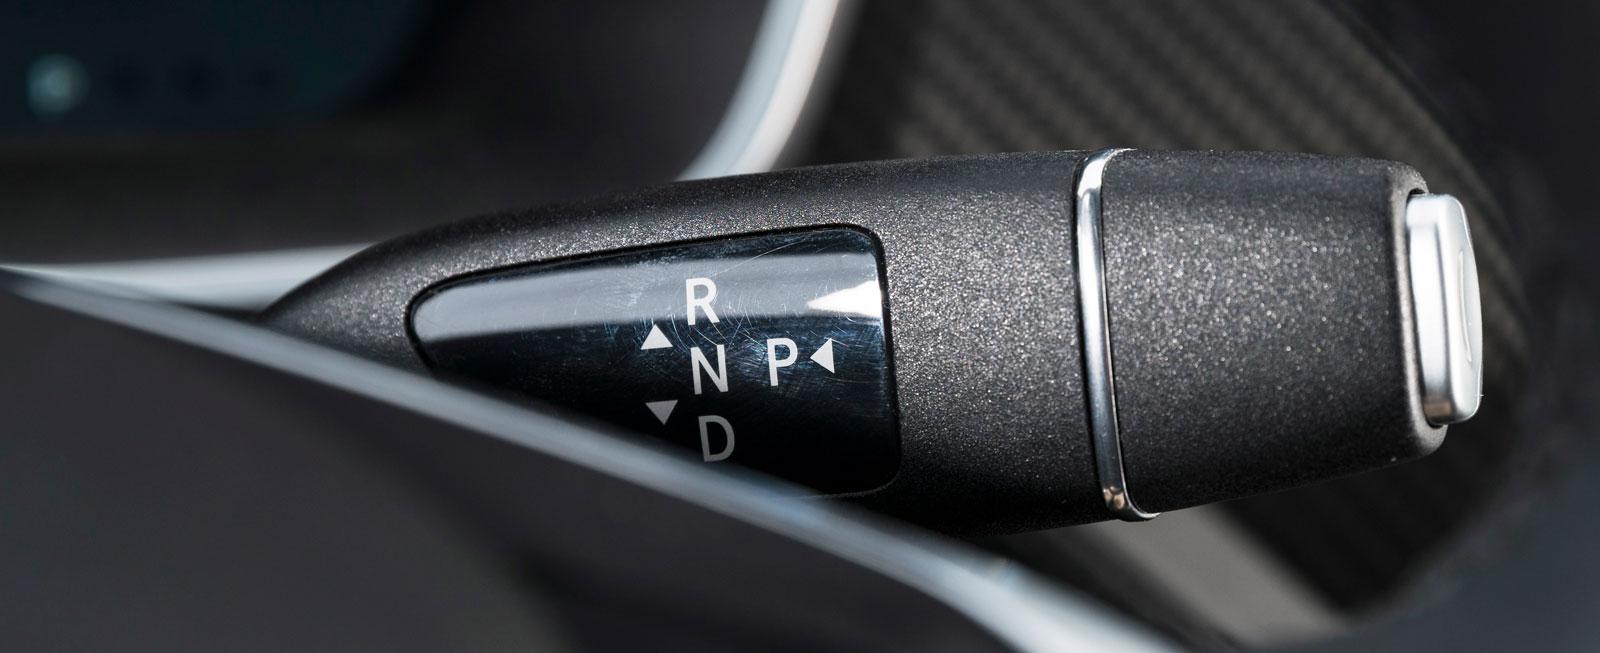 Spakar och fönsterhissar är hämtade från Mercedes, som tidigare ägde tio procent av Tesla. Samma växelväljare finns således i två av testbilarna.